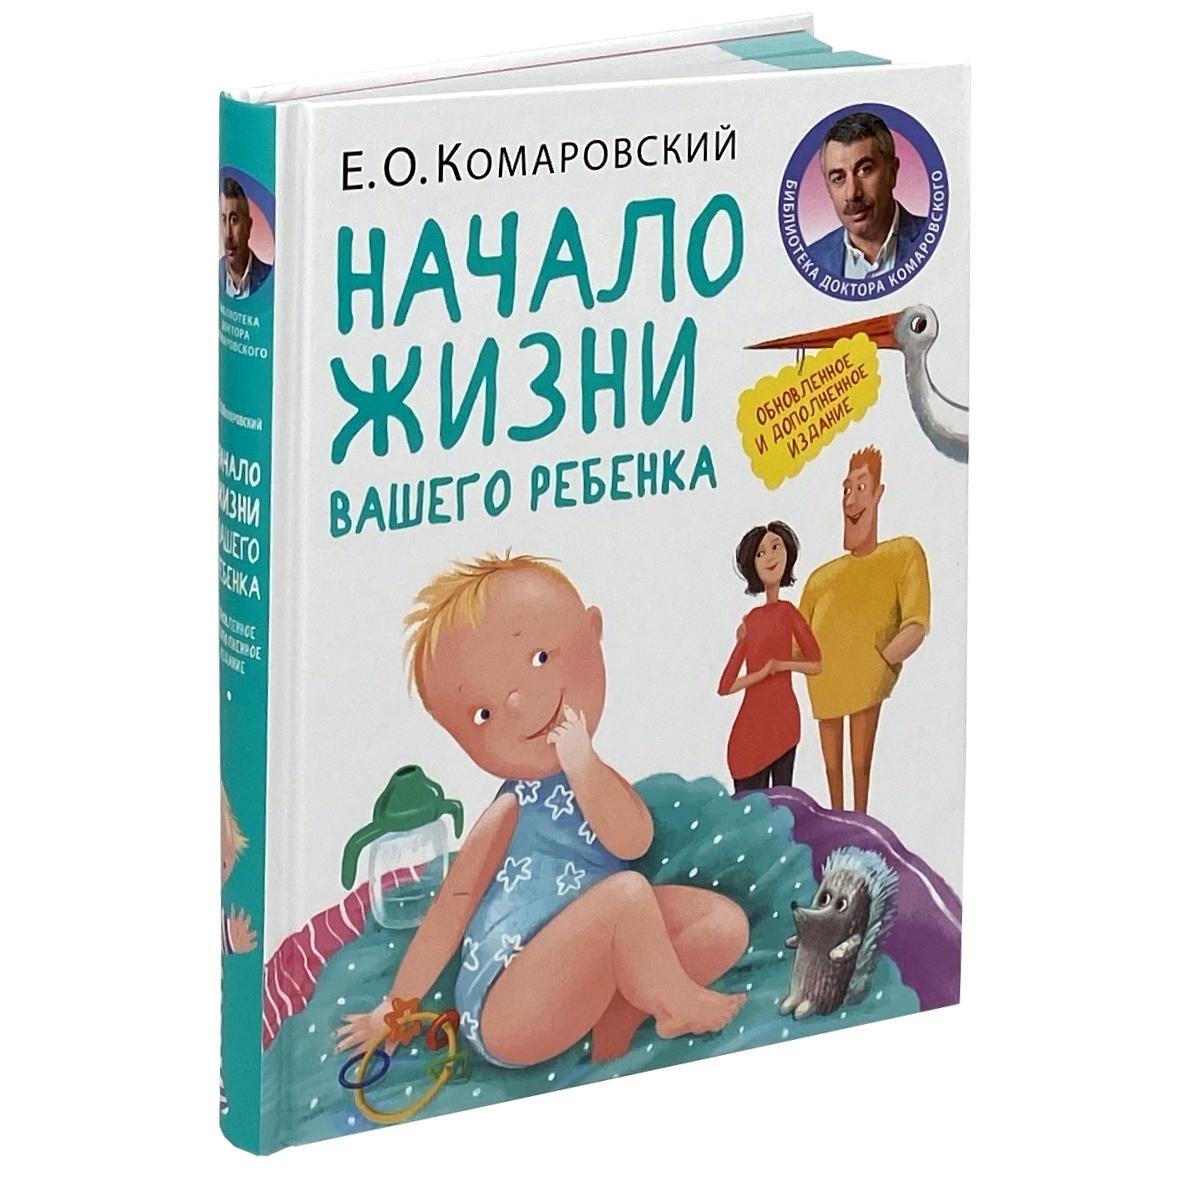 Начало жизни вашего ребенка. Автор — Евгений Комаровский.